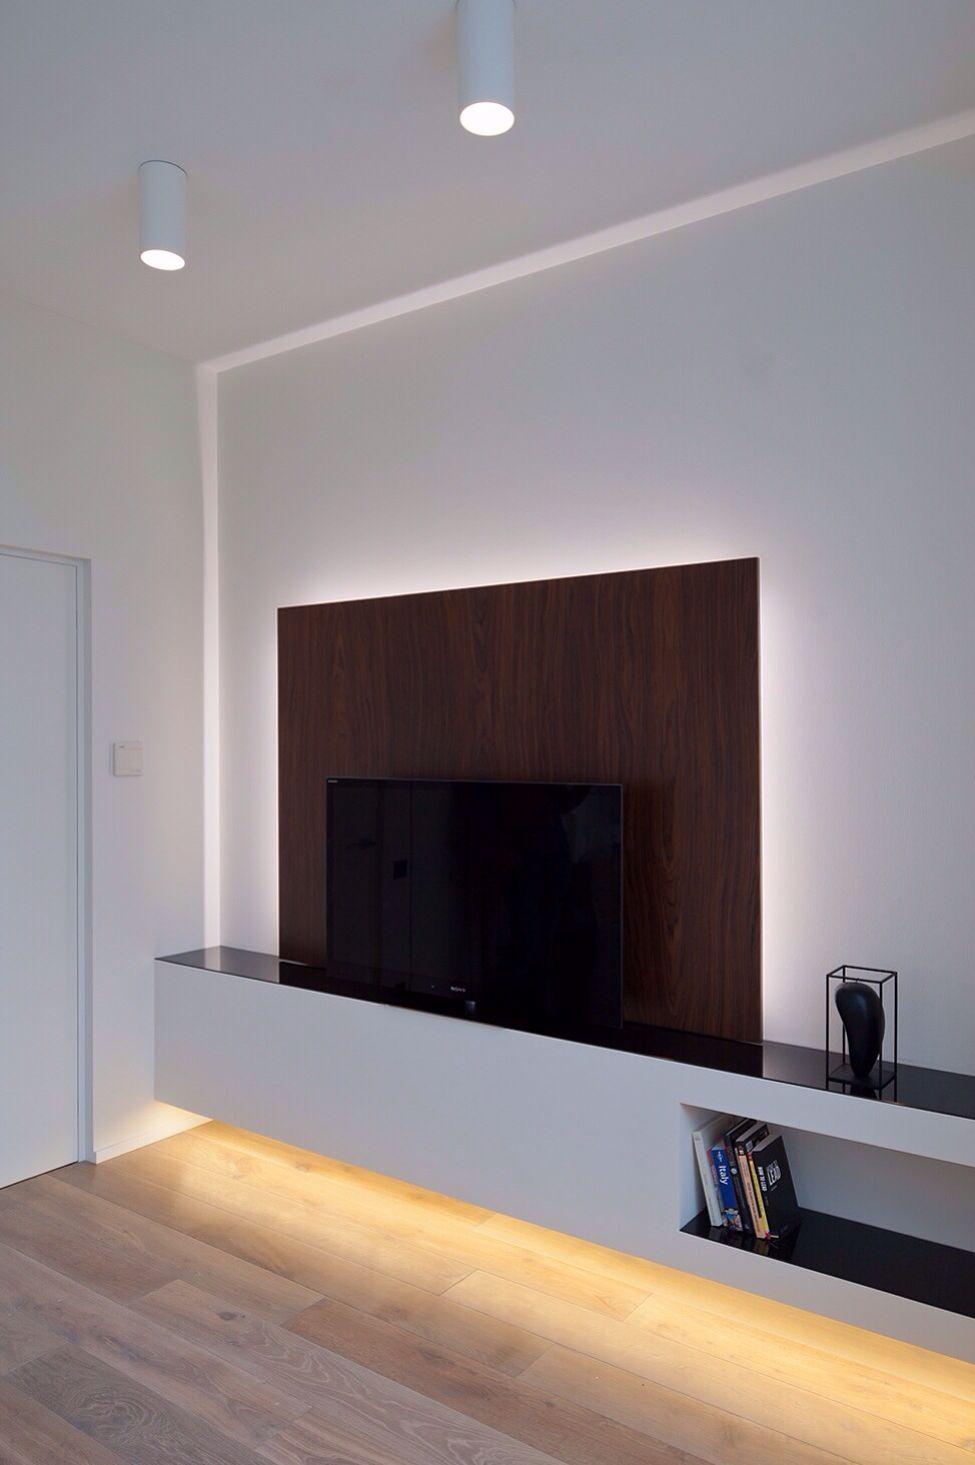 Mooie Wandkast Zonder Donker Gedeelte Achter De Tv Dan Wel S  # Meuble Tv Design Ked